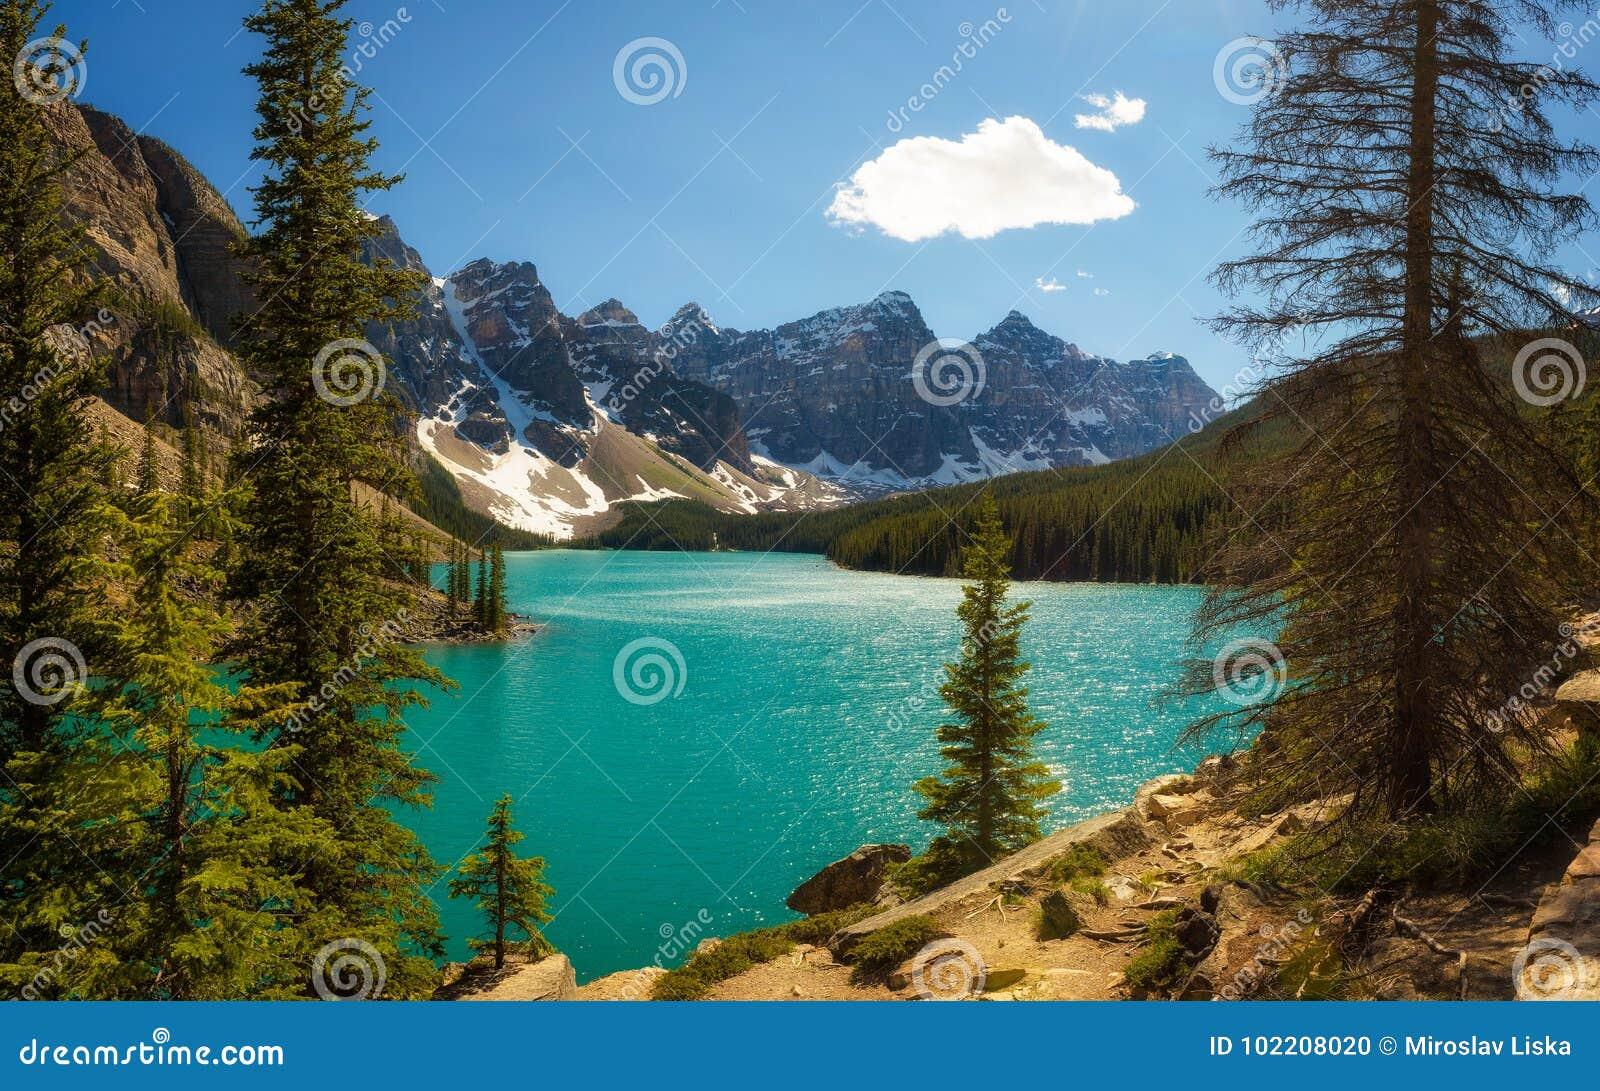 Słoneczny dzień przy Morena jeziorem w Banff parku narodowym, Alberta, Kanada